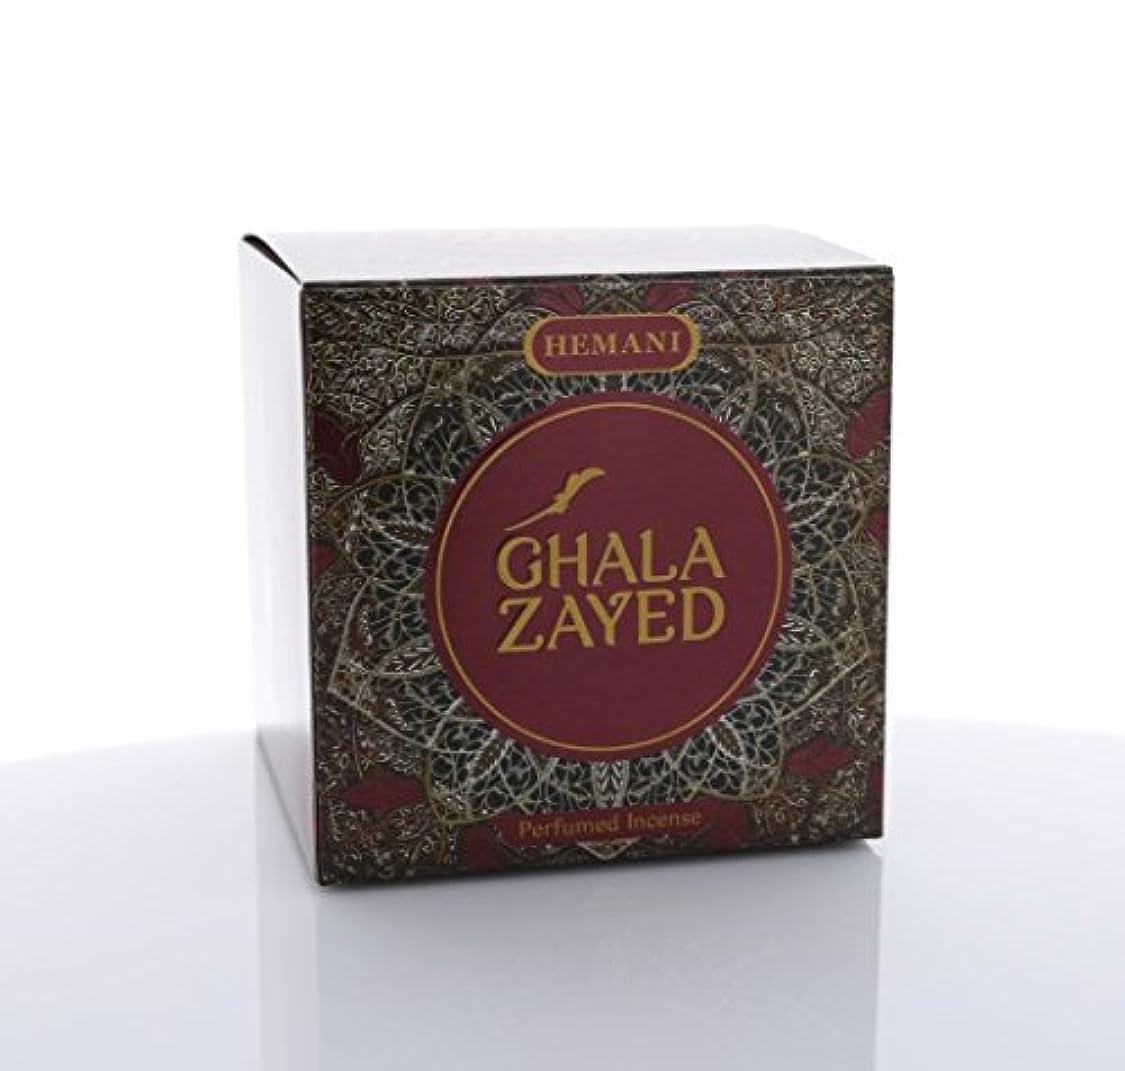 慈悲深いストレッチアウトドアHemani Bakhoor Ghala Zayed ( Perfumed Incense ) 90 Gus Seller F / S